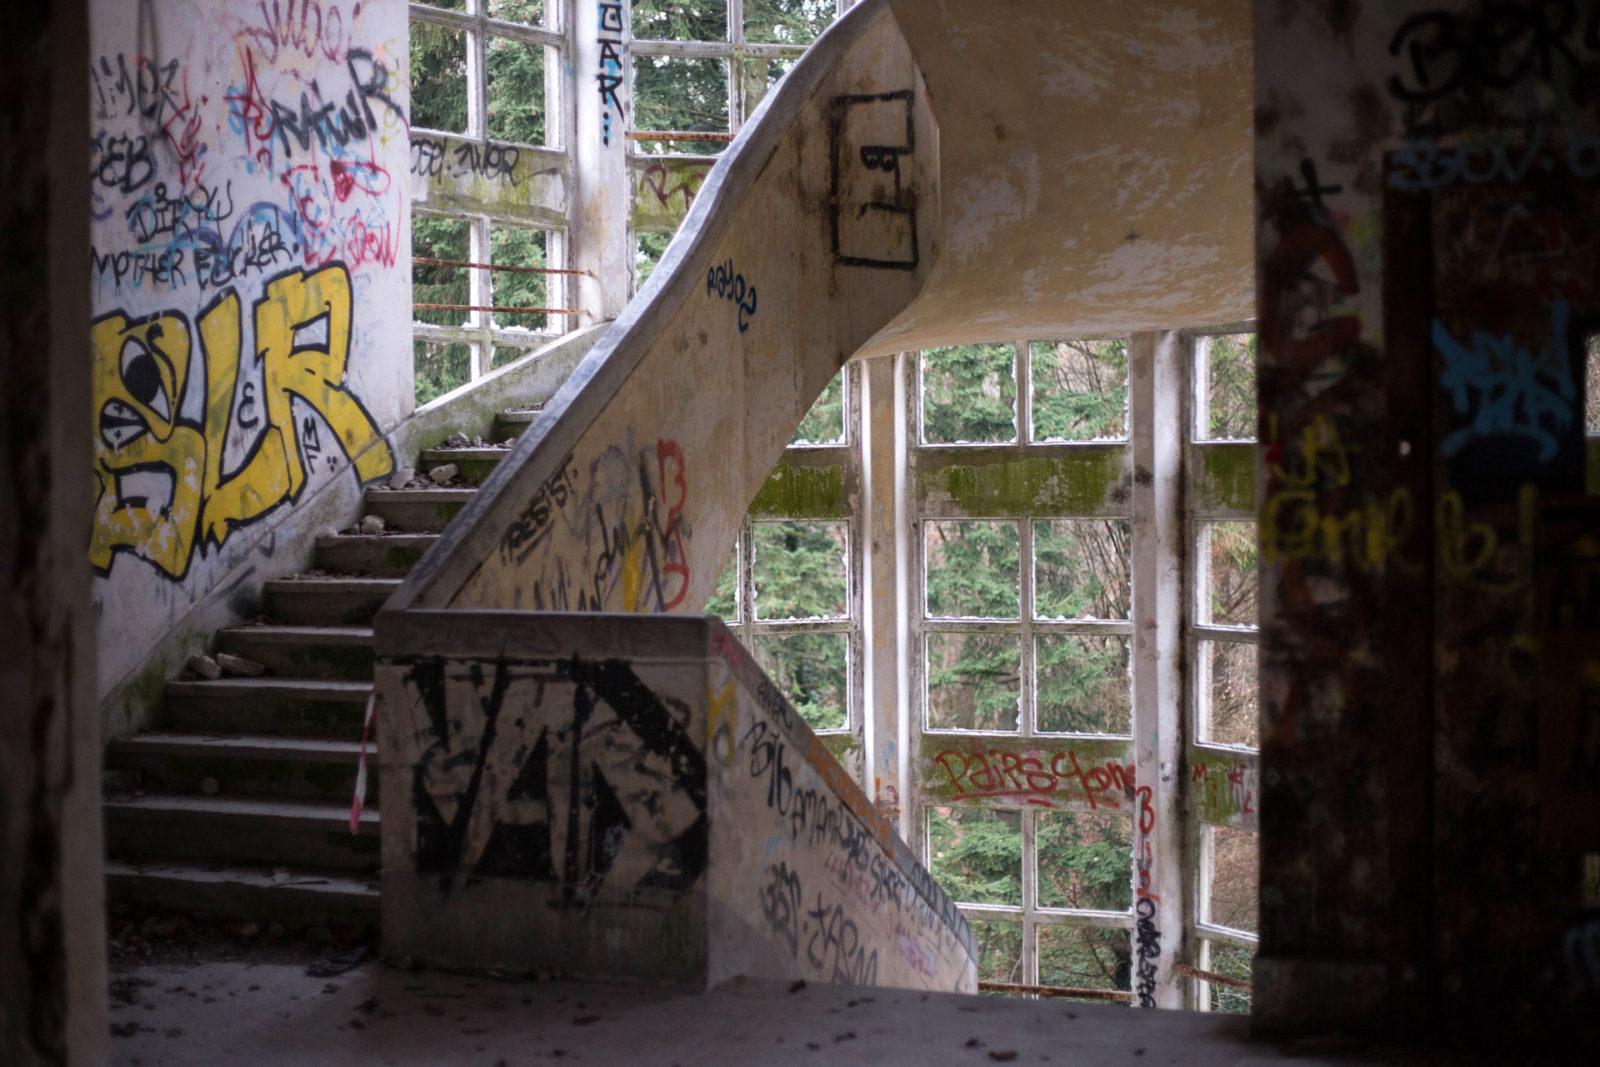 IMG5535 - Urbex x Parkour : visite acrobatique d'un sanatorium abandonné